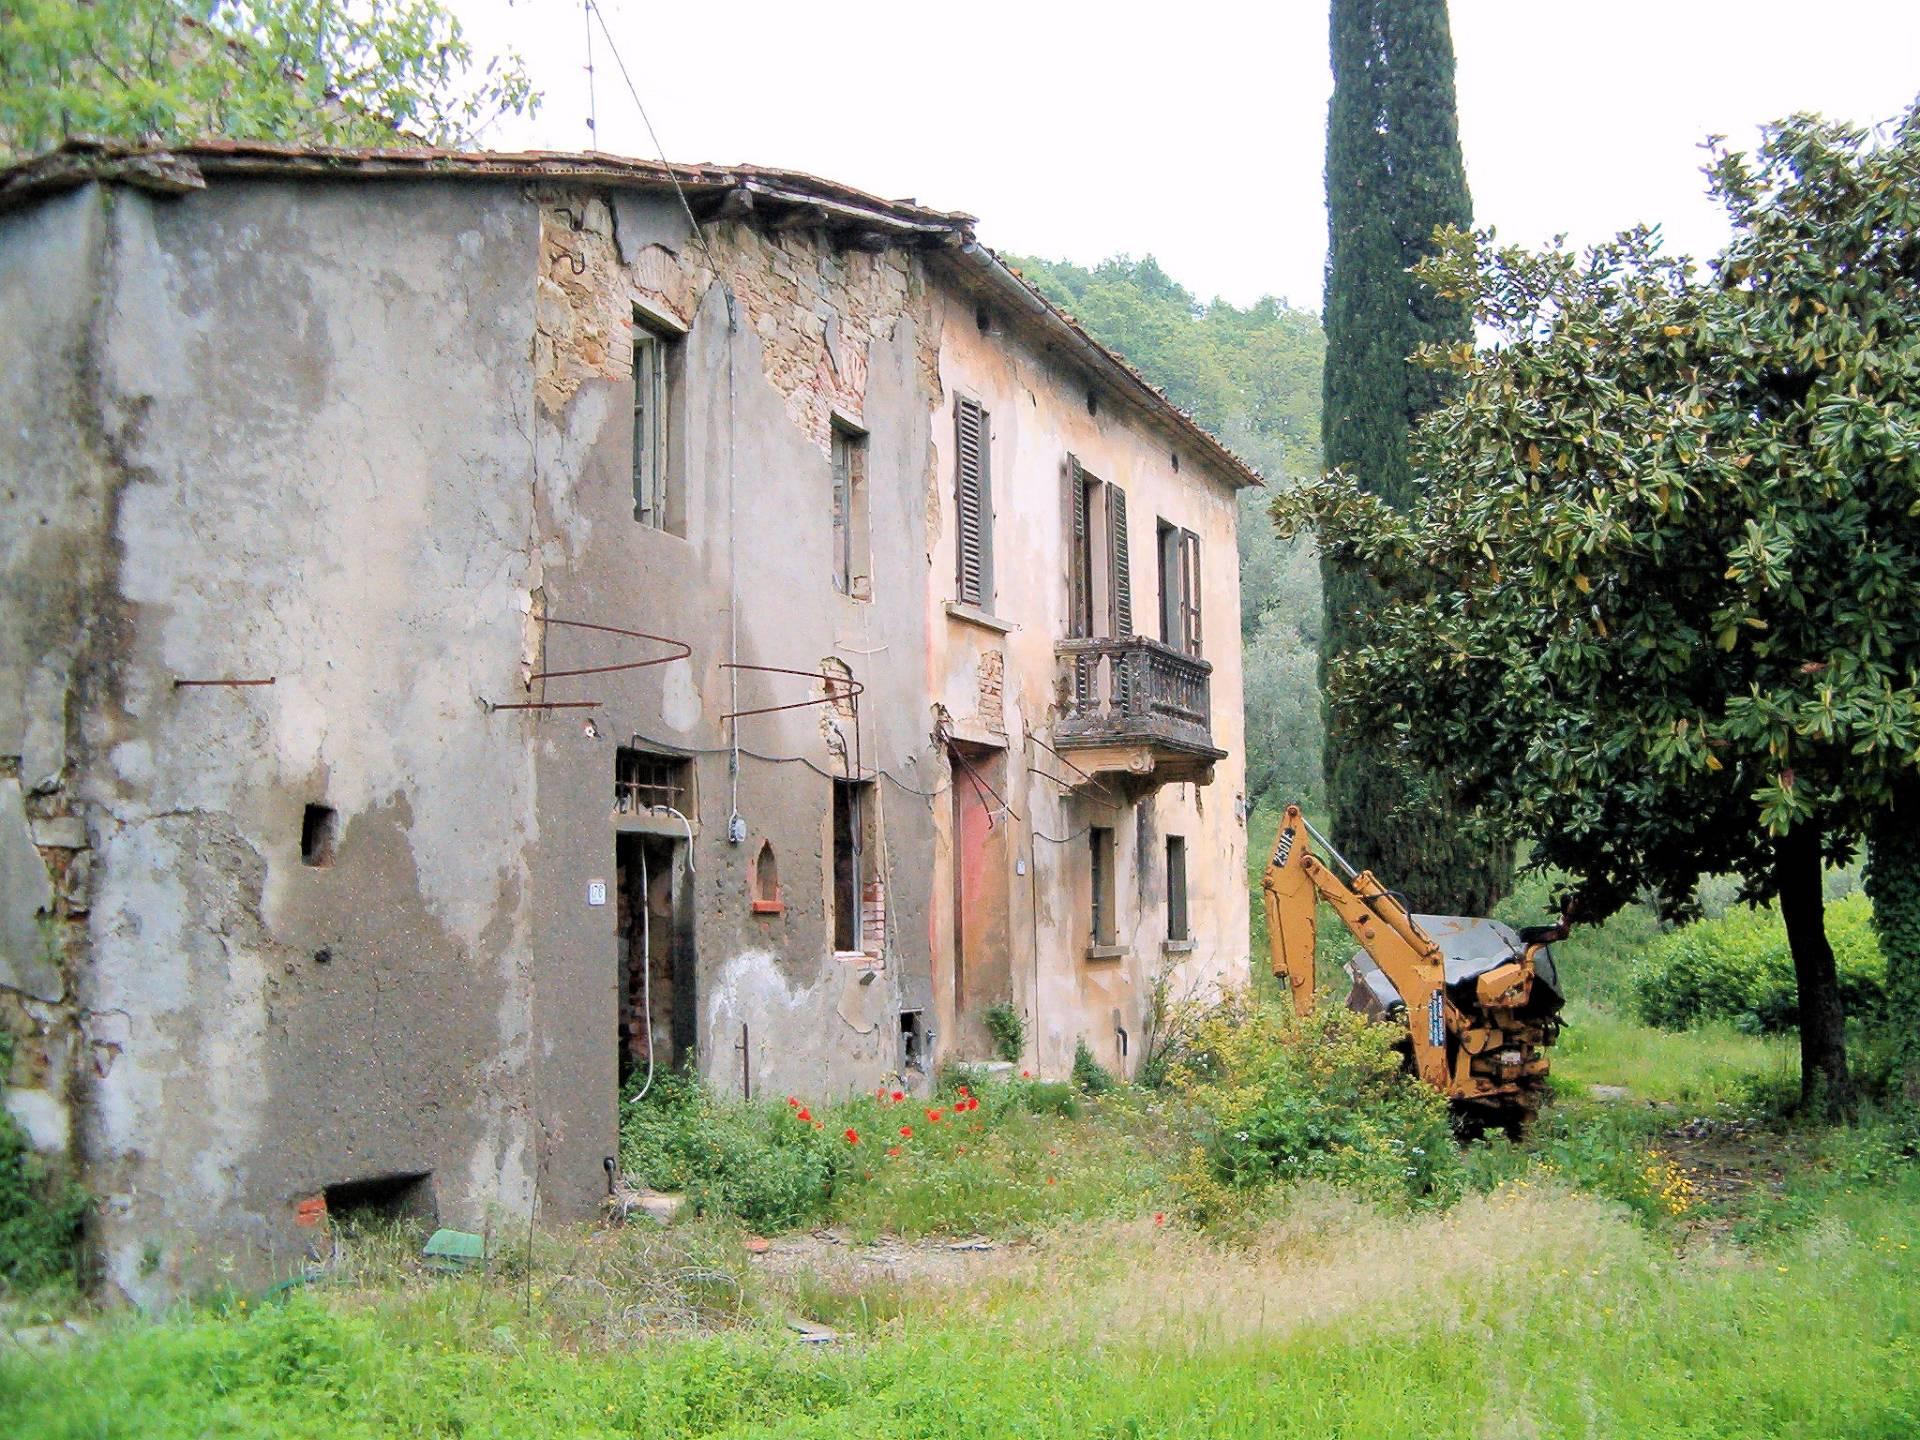 pistoia vendita quart:  asip-sas-di-maurizio-bolognini-e-c.